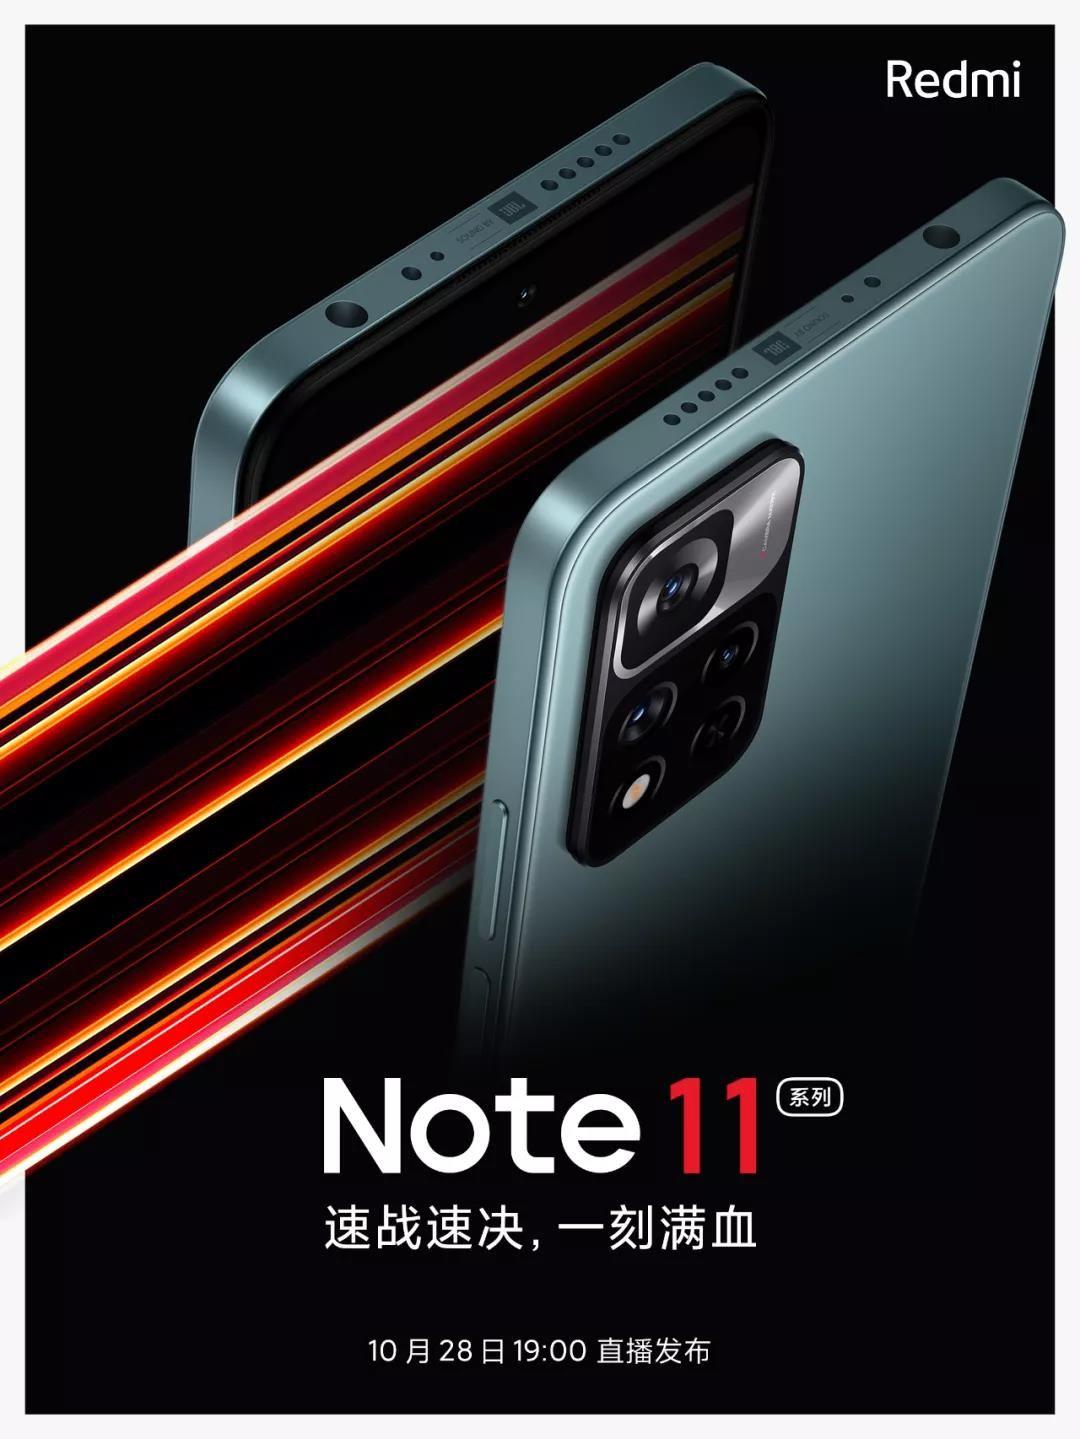 港元|两项新进展!红米Note 11新机将问世,小米造车业务超预期